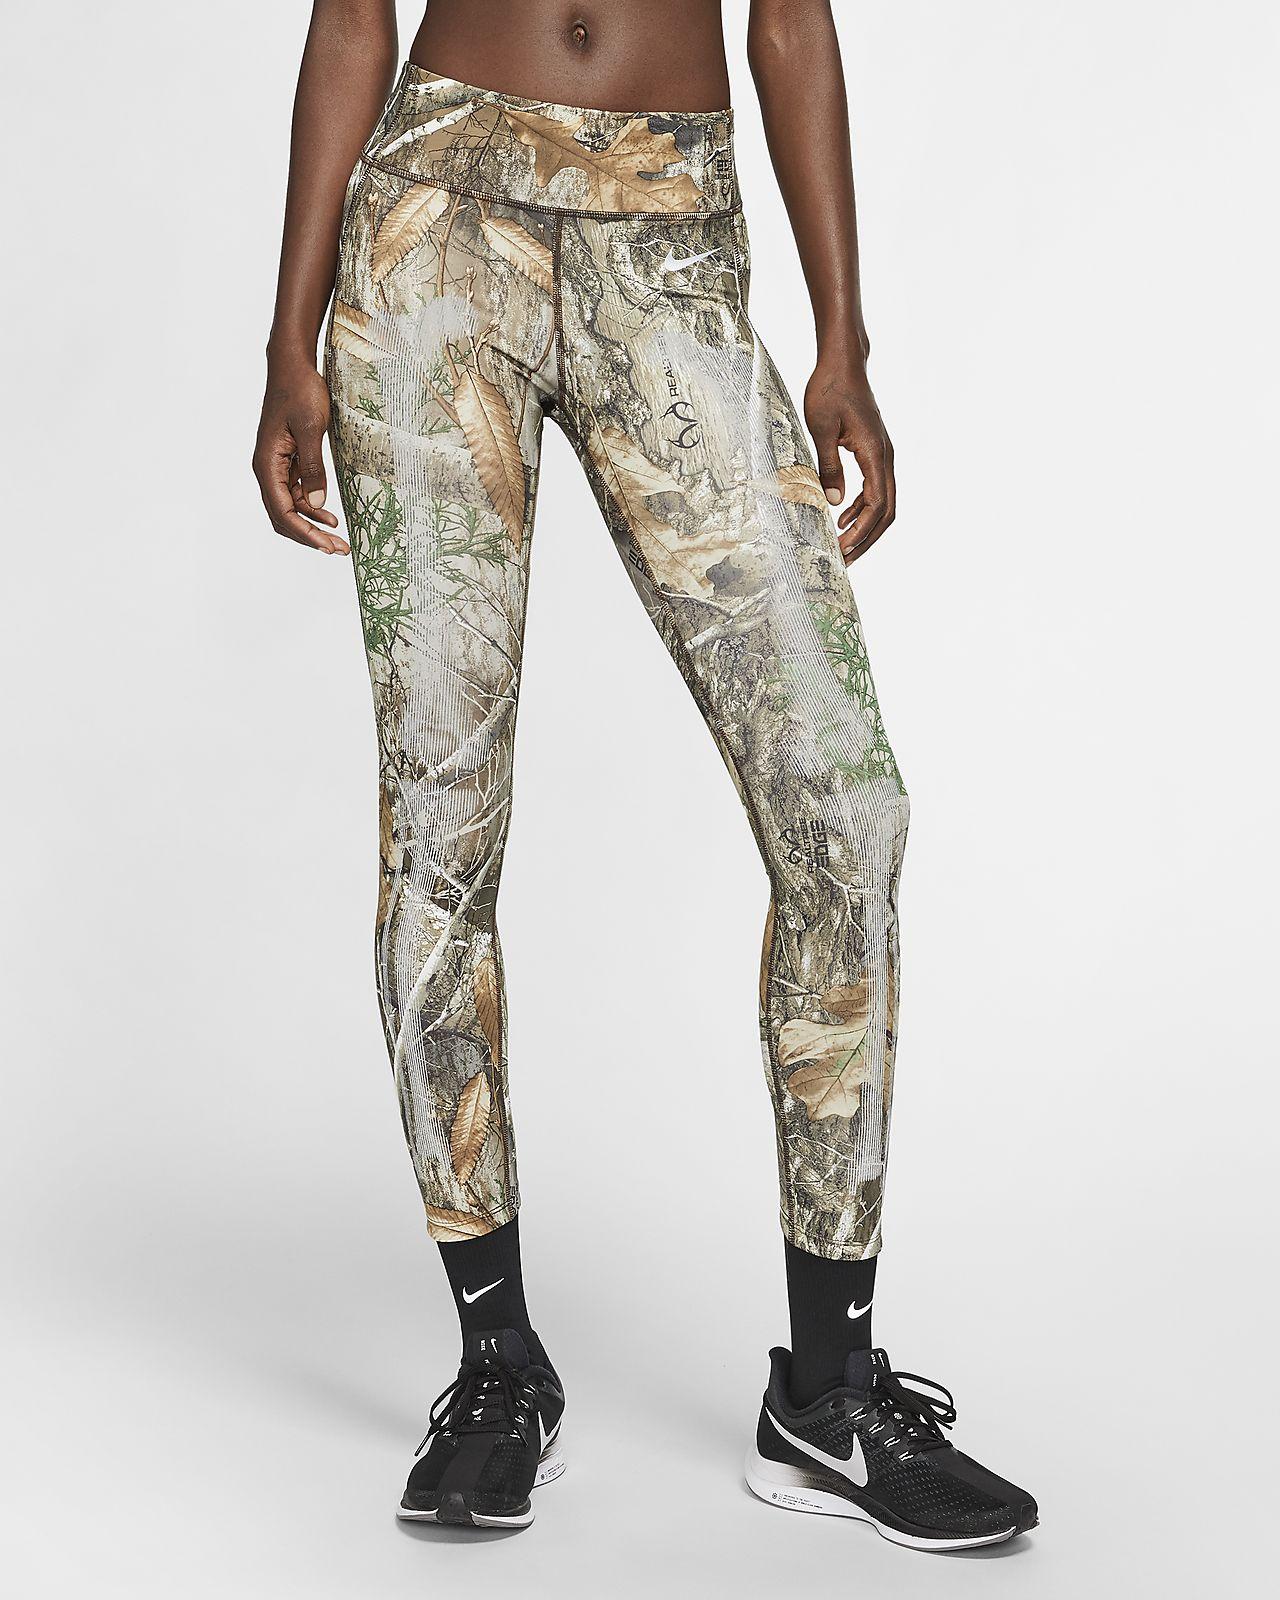 Nike-skelet-tights til kvinder